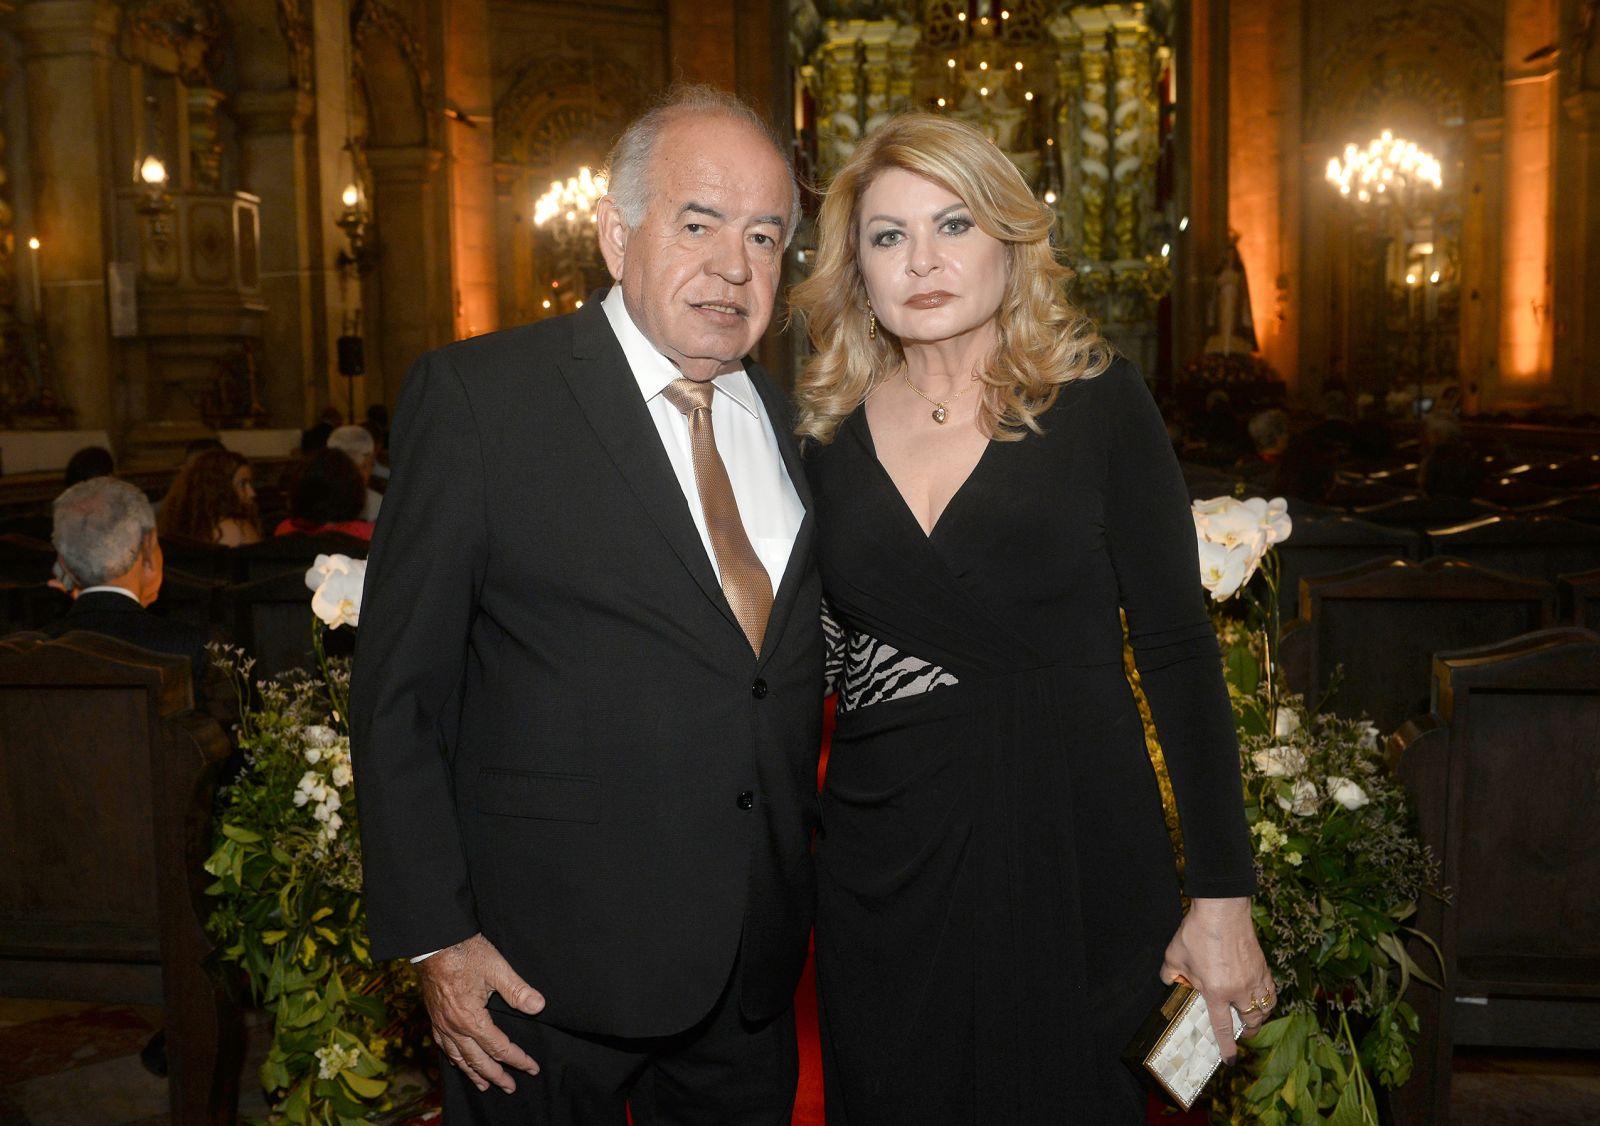 Mary e José Nilton Carvalho Pereira foram destaque no casamento de Laura Assunção e Carlos Henrique Mapa